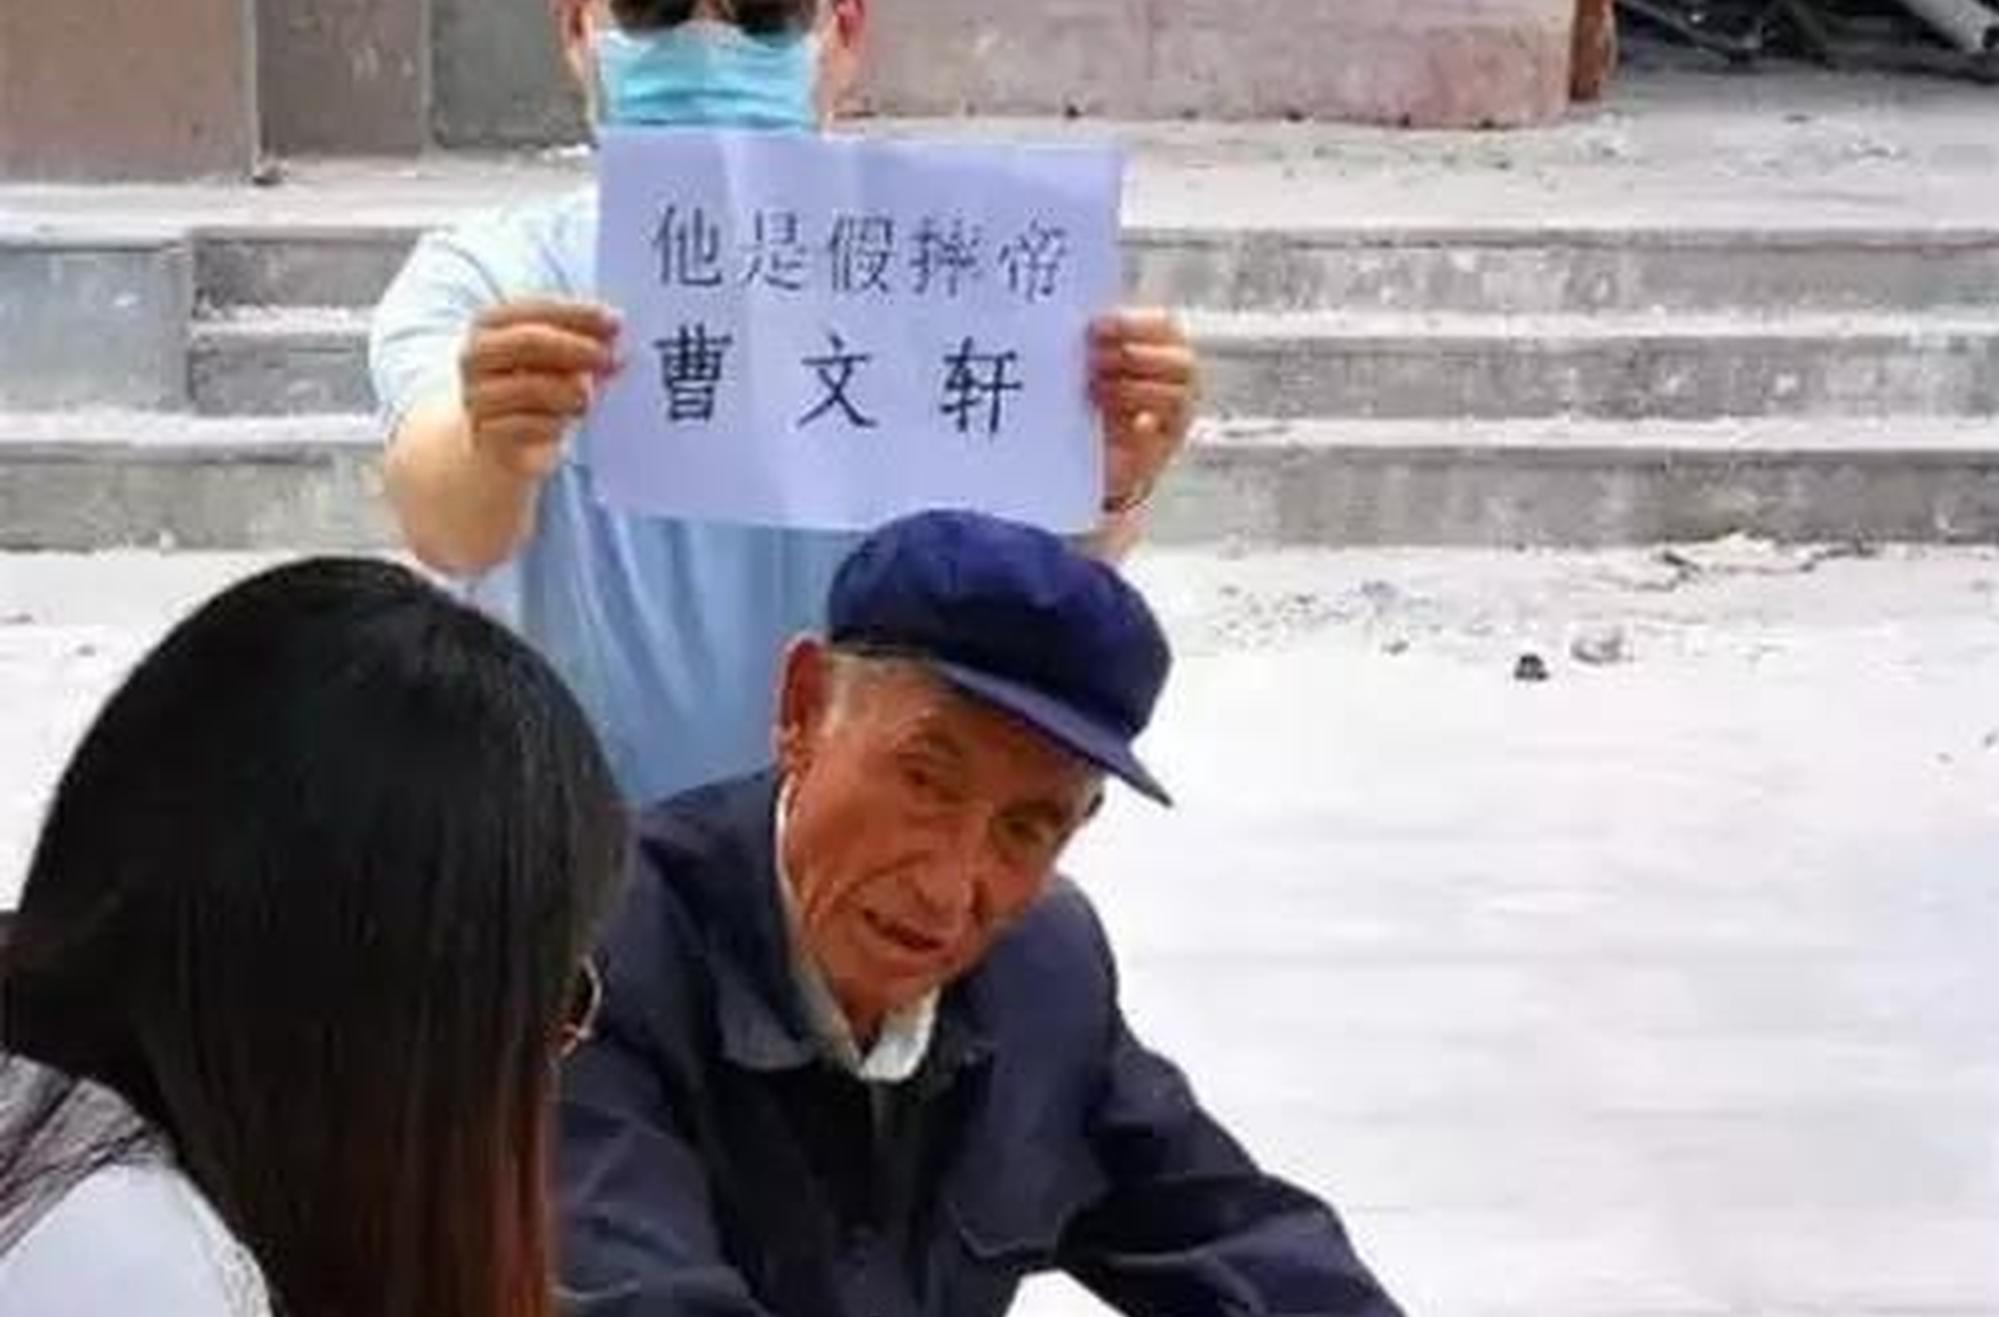 孙继海:在中国踢球心很累 足球没站起来却先富起来